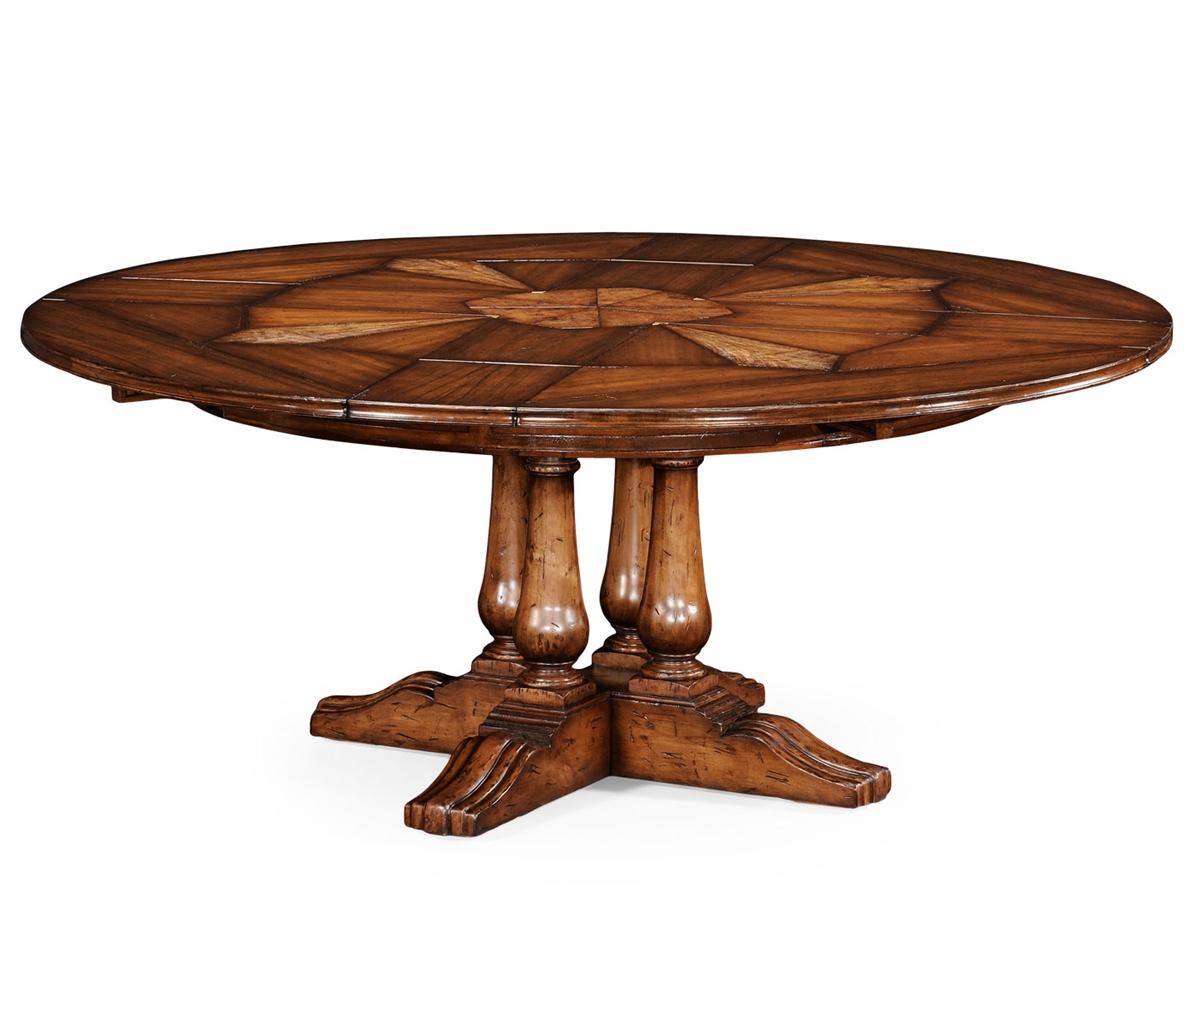 Jupe table with self storing leaves solid walnut center  : Jupetablewithselfstoringleavessolidwalnutp from bernadettelivingston.com size 1194 x 1024 jpeg 318kB